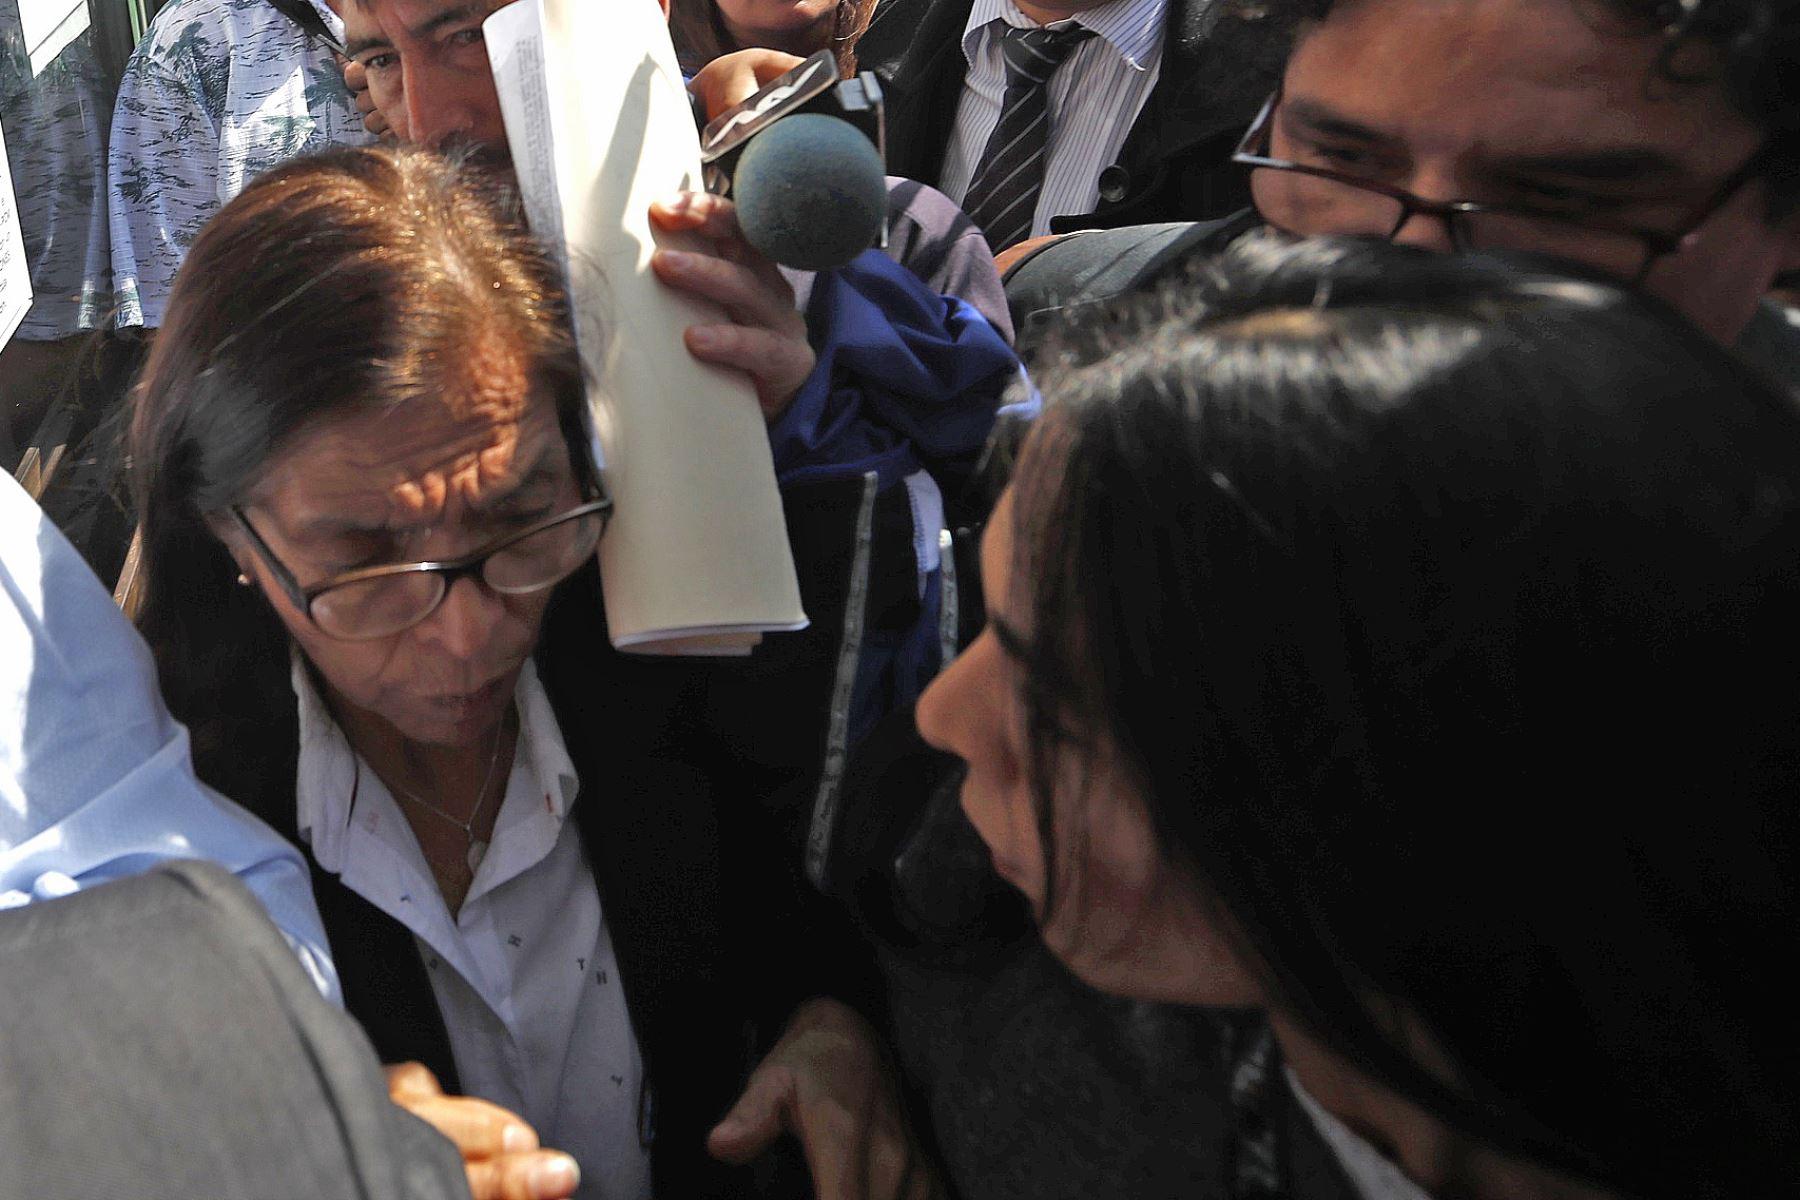 Evalúan pedido de prisión preventiva contra Melisa González Gagliuffi tras accidente en la avenida Javier Prado. Foto: ANDINA/Renato Pajuelo